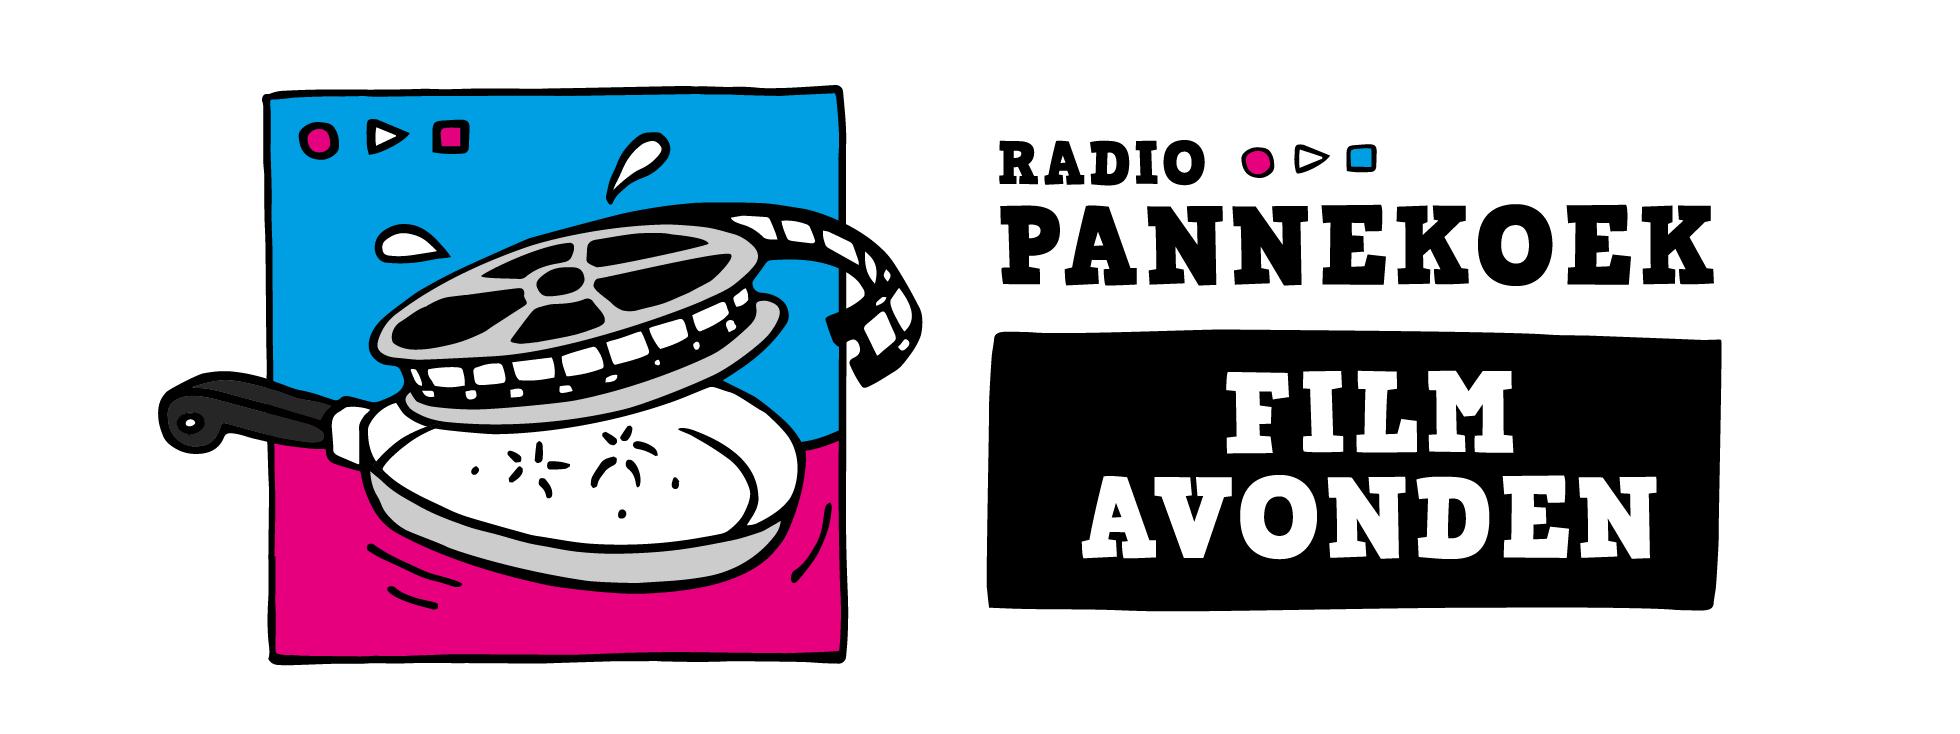 Radio Pannekoek